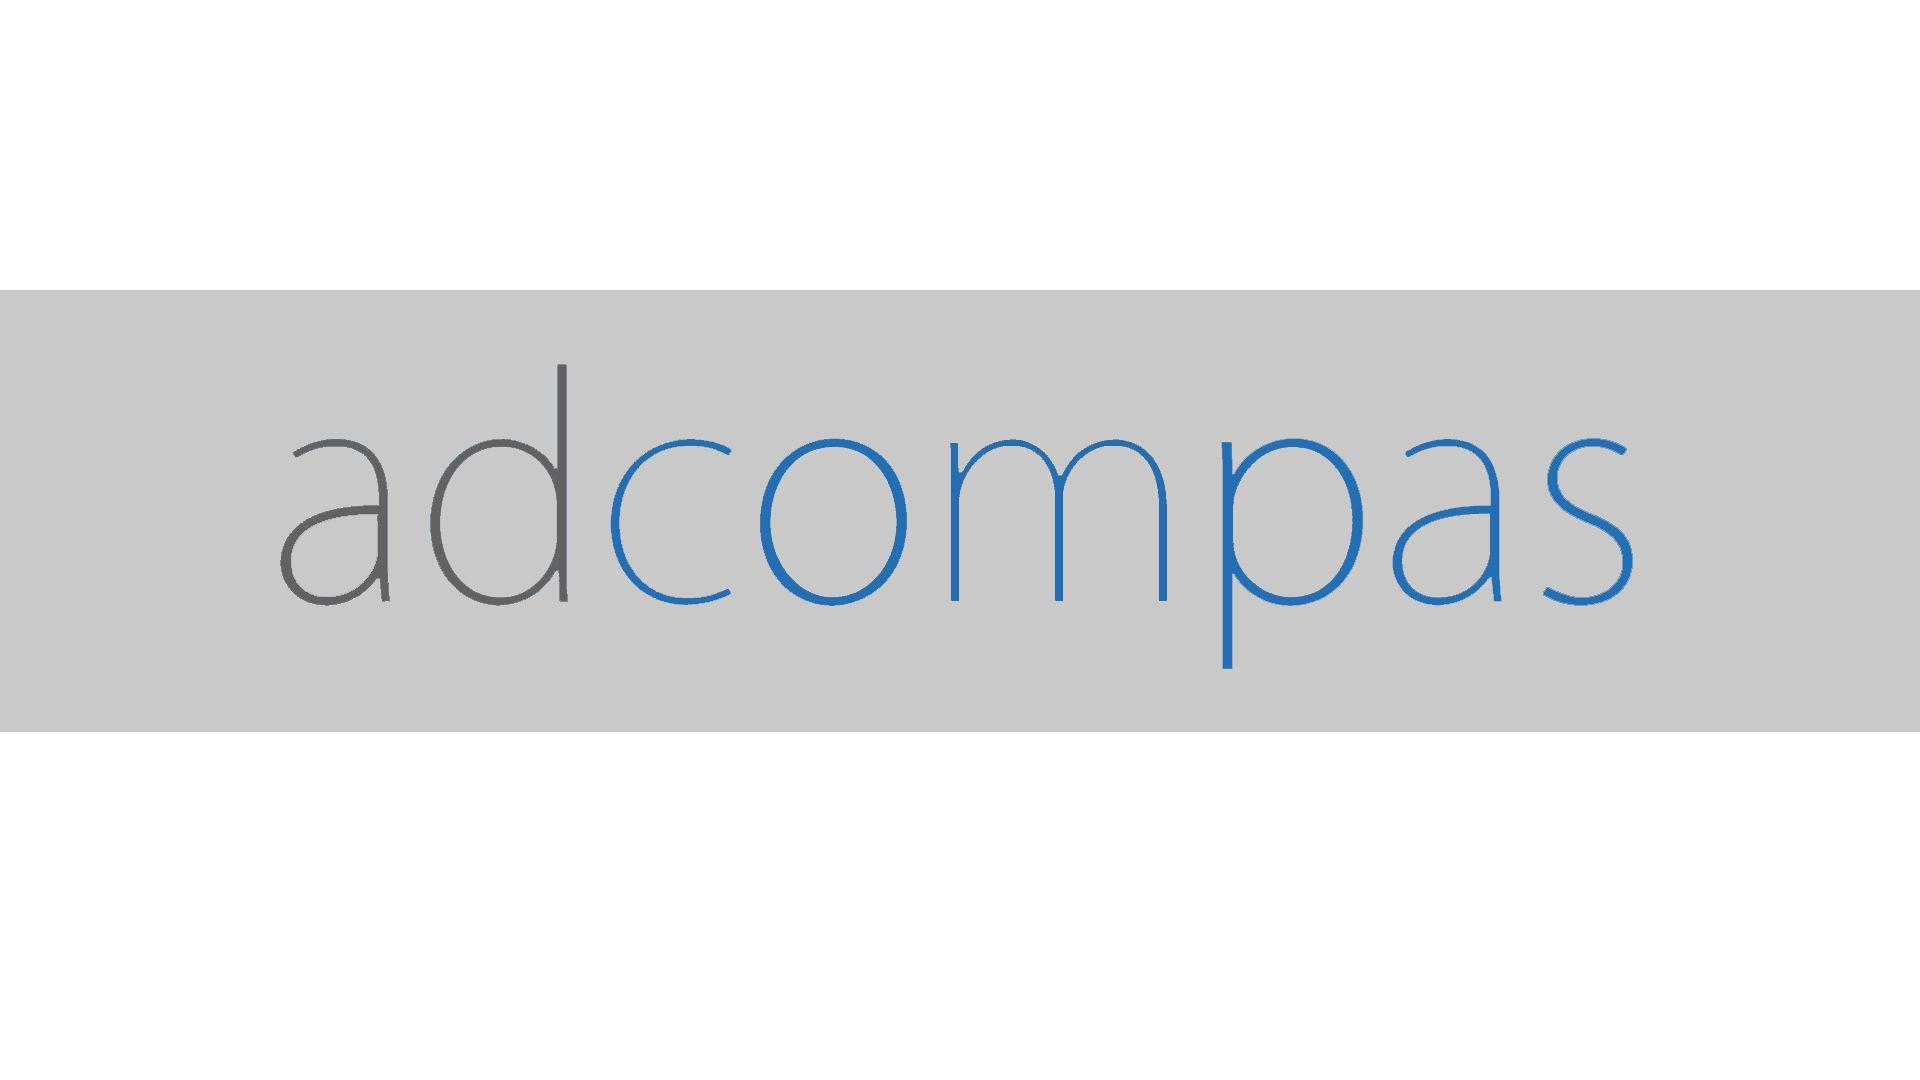 Нужен логотип для сайта рекламной компании СPA  - дизайнер JusticeMusic